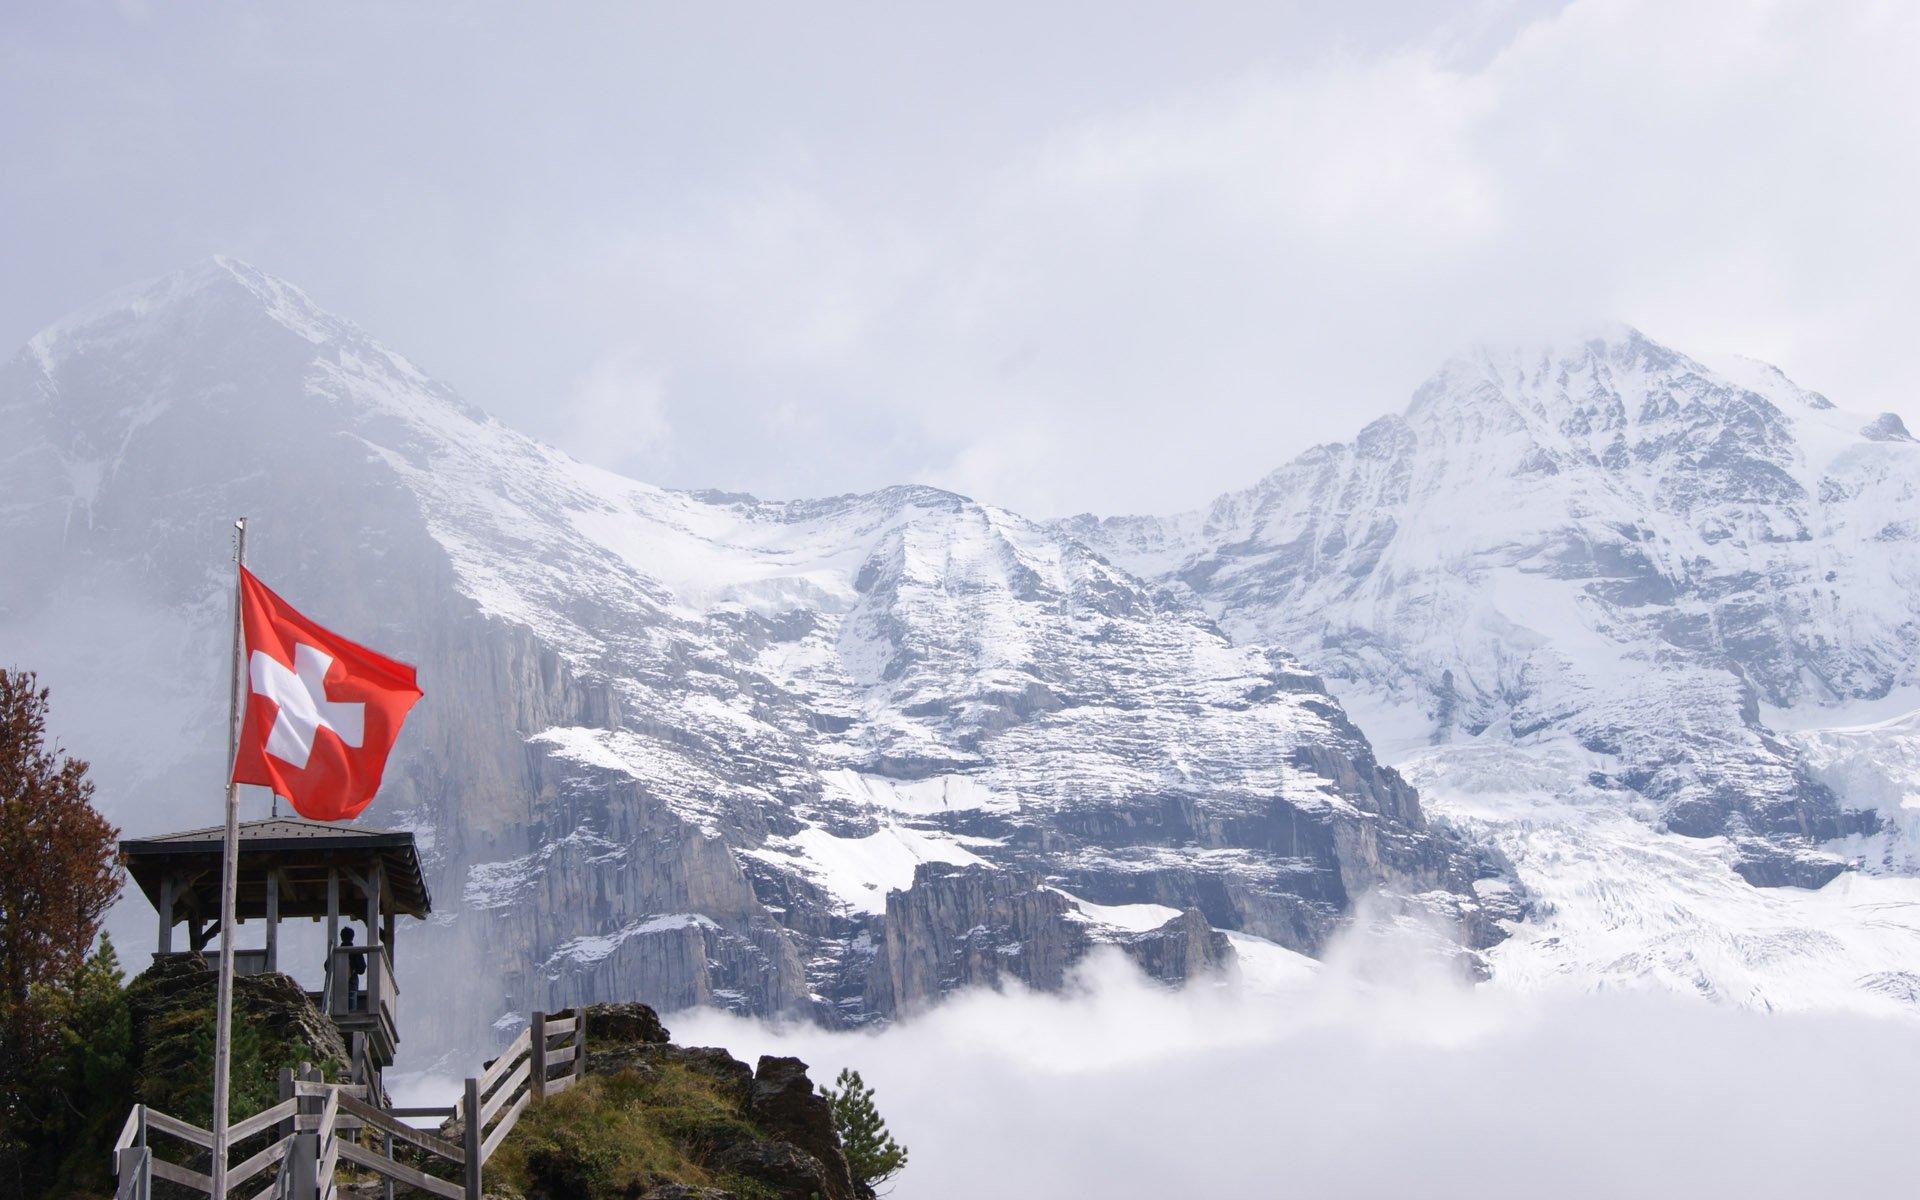 Švajčiarsko a jeho vlastná kryptomena? Ukáže čas